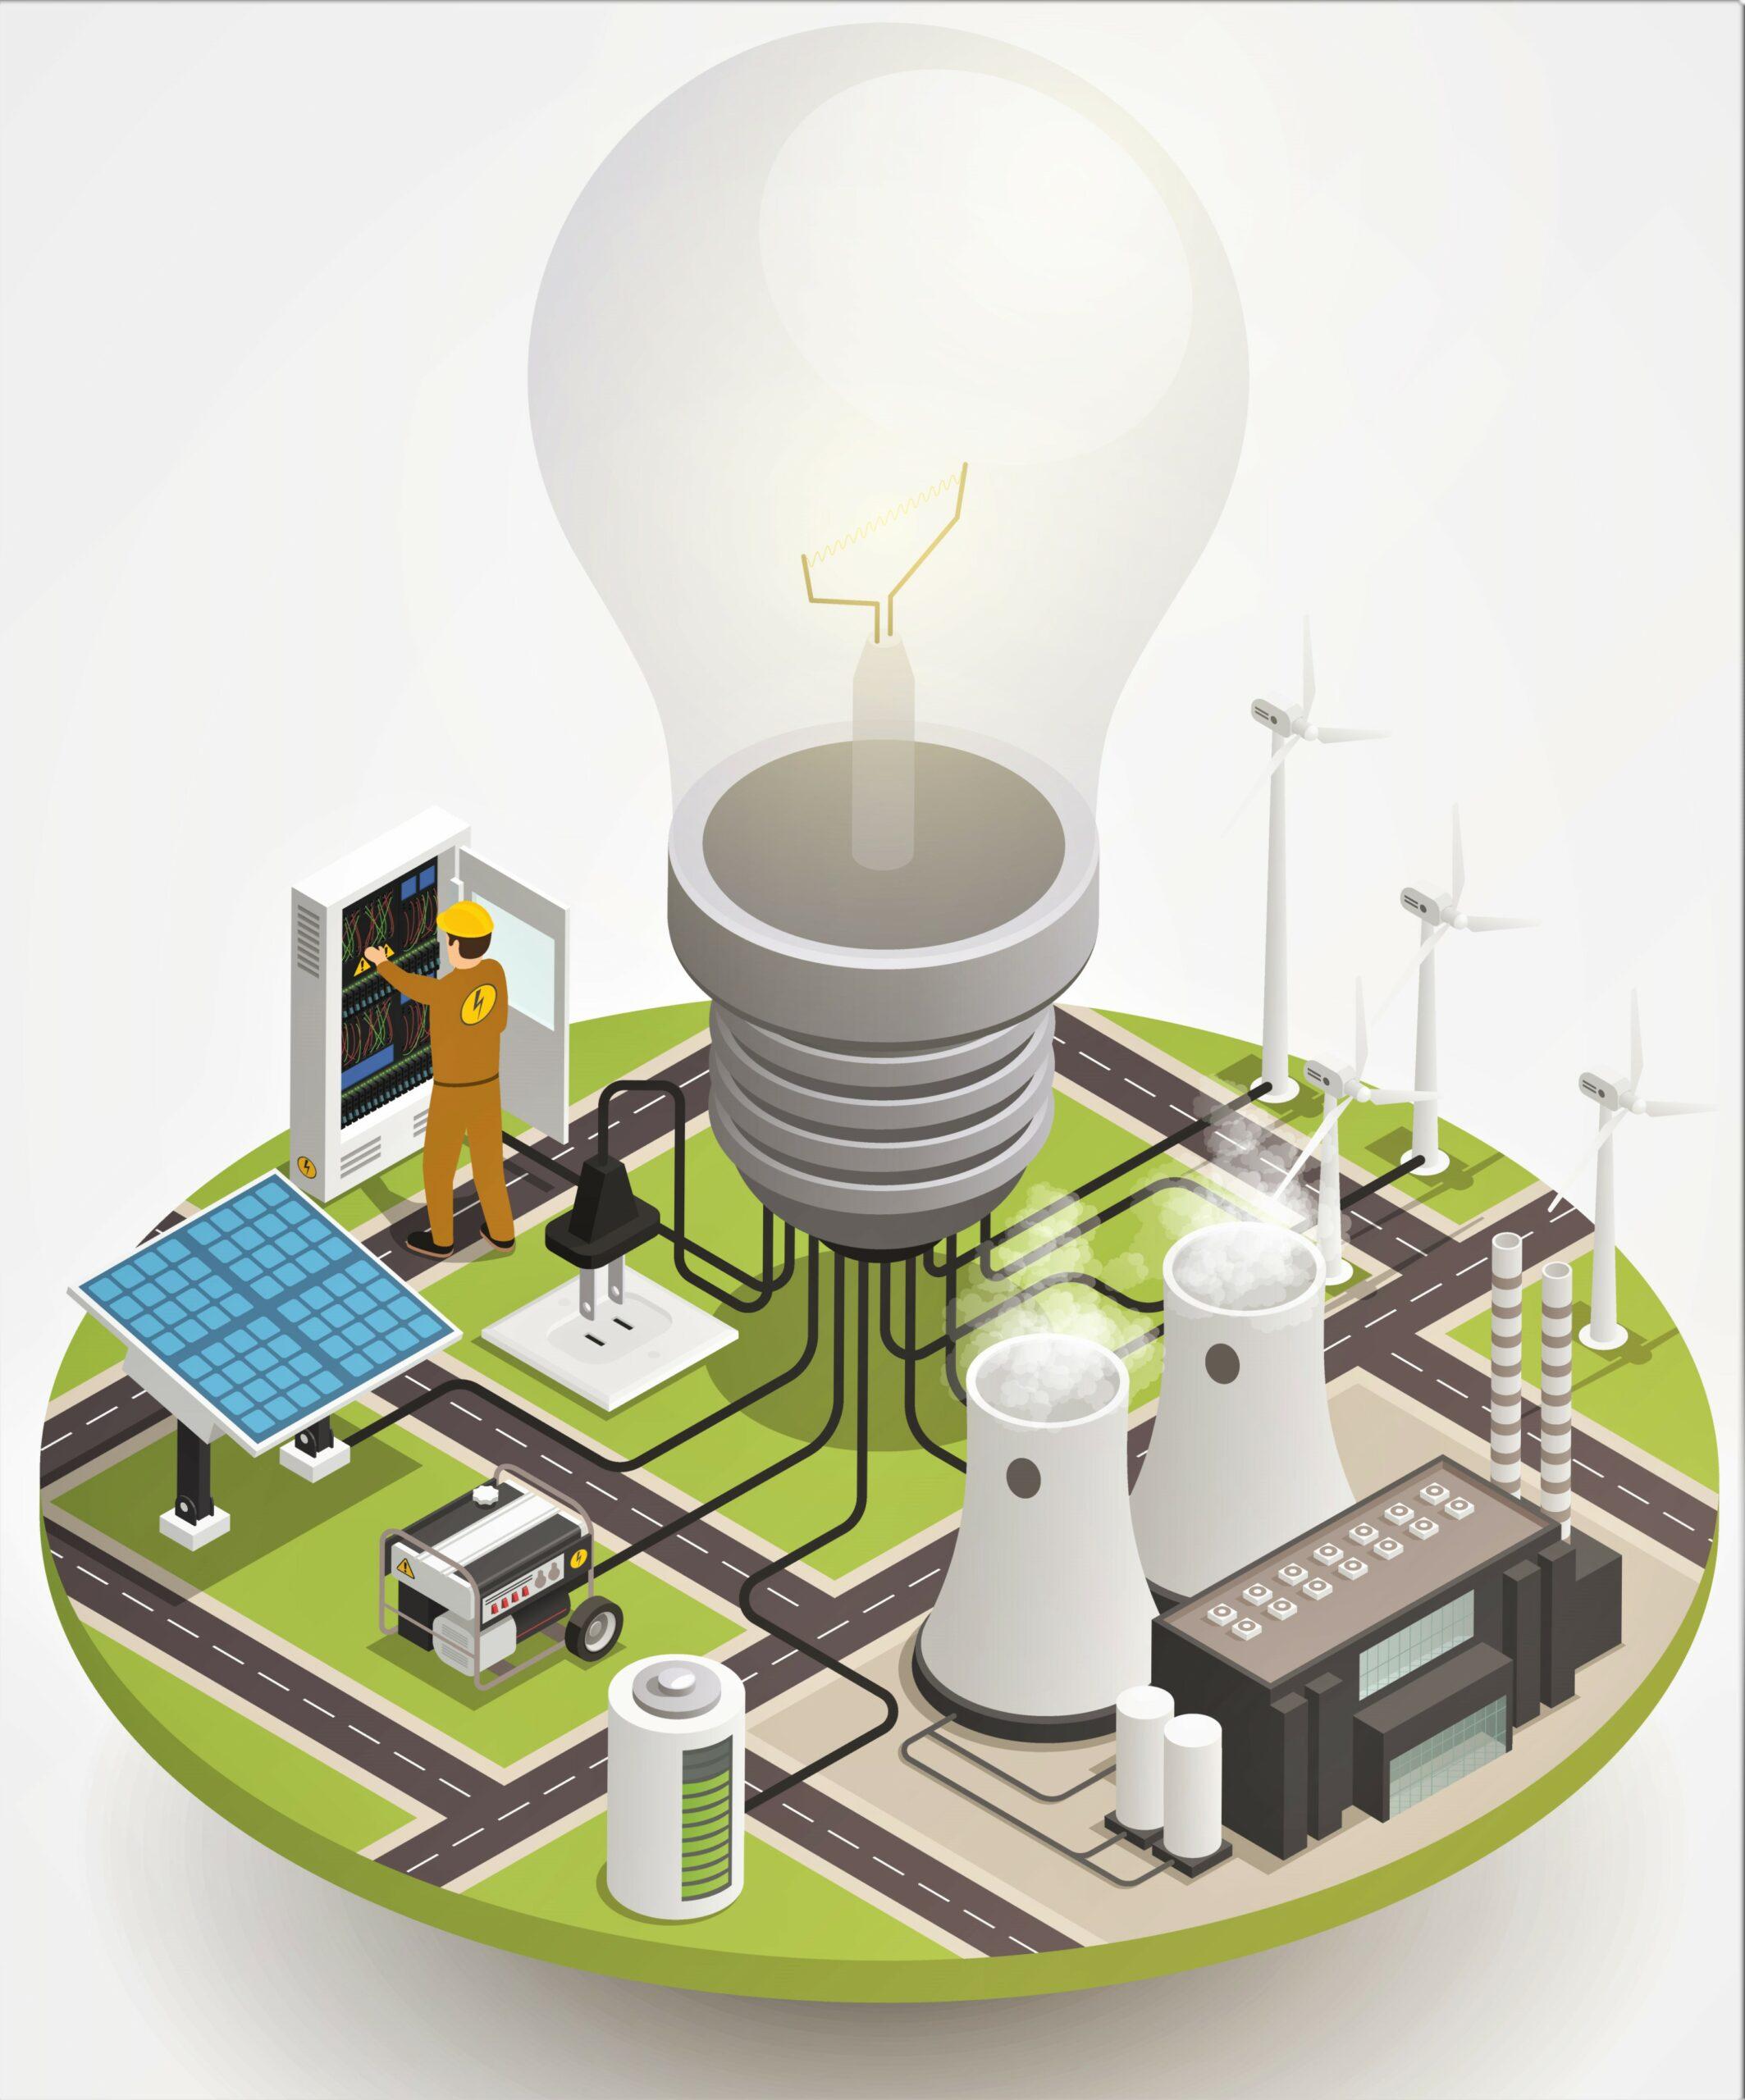 imagem ilustrativa para recursos energéticos distribuídos